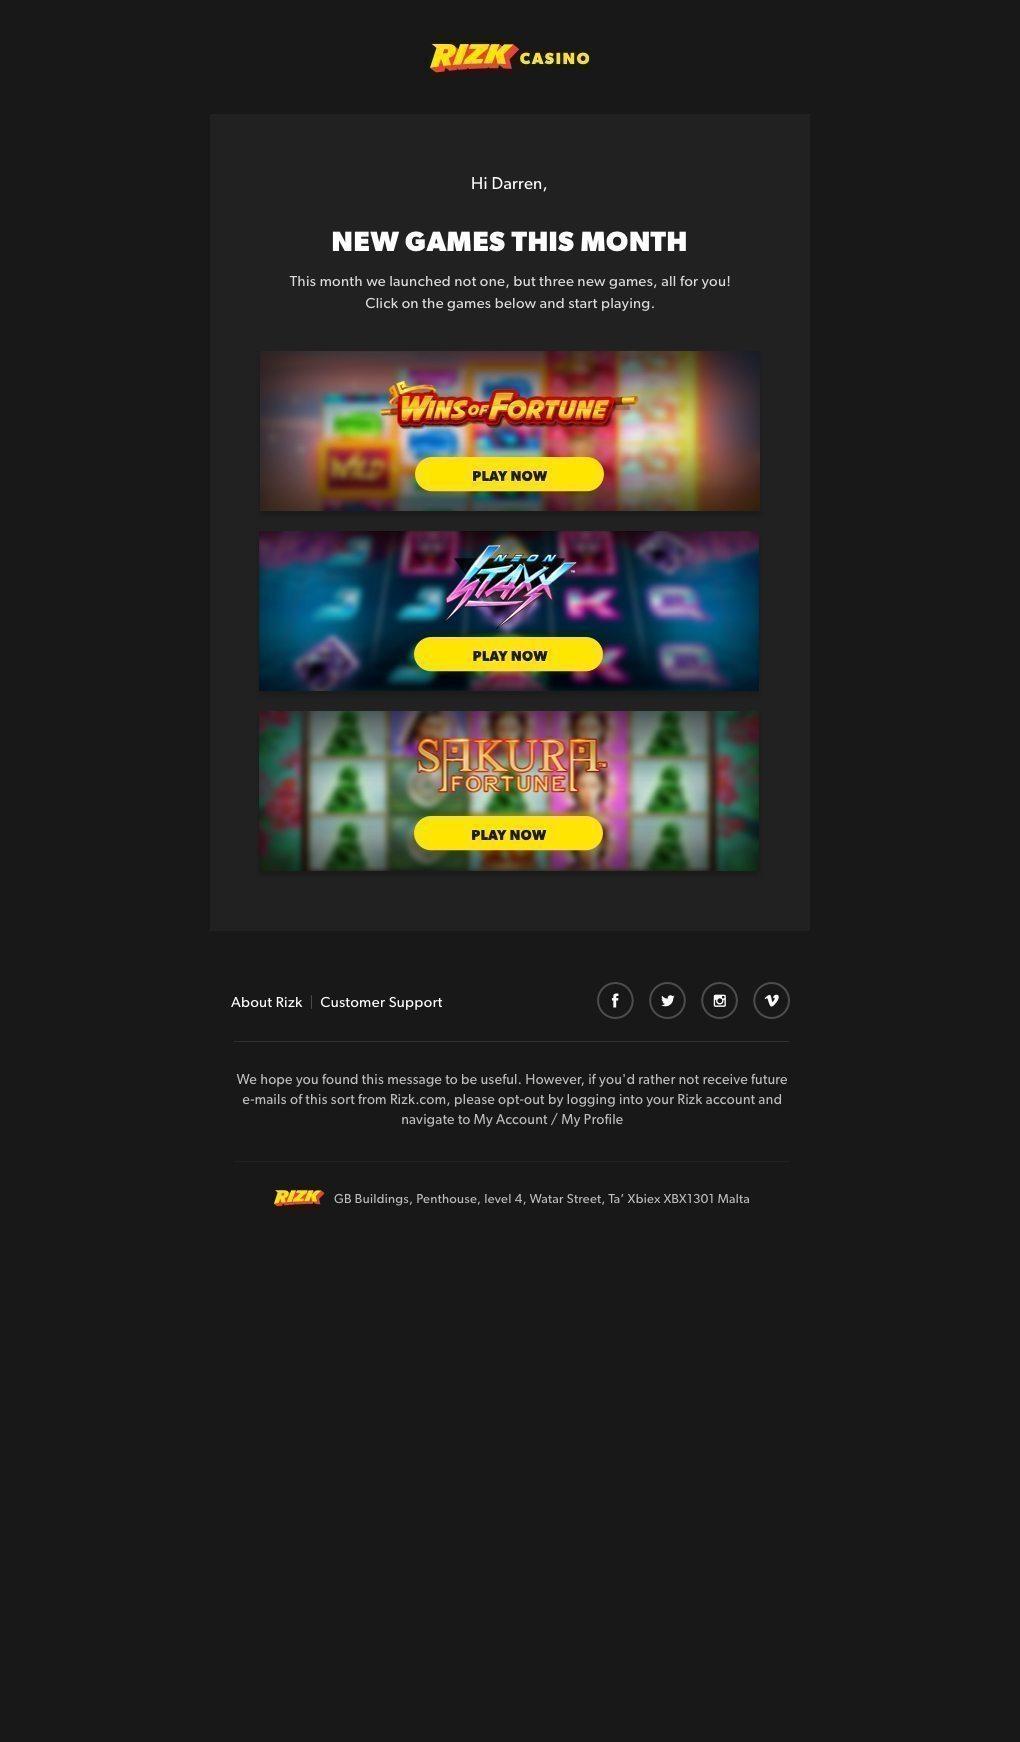 UX UI Newsletter design for Rizk Casino